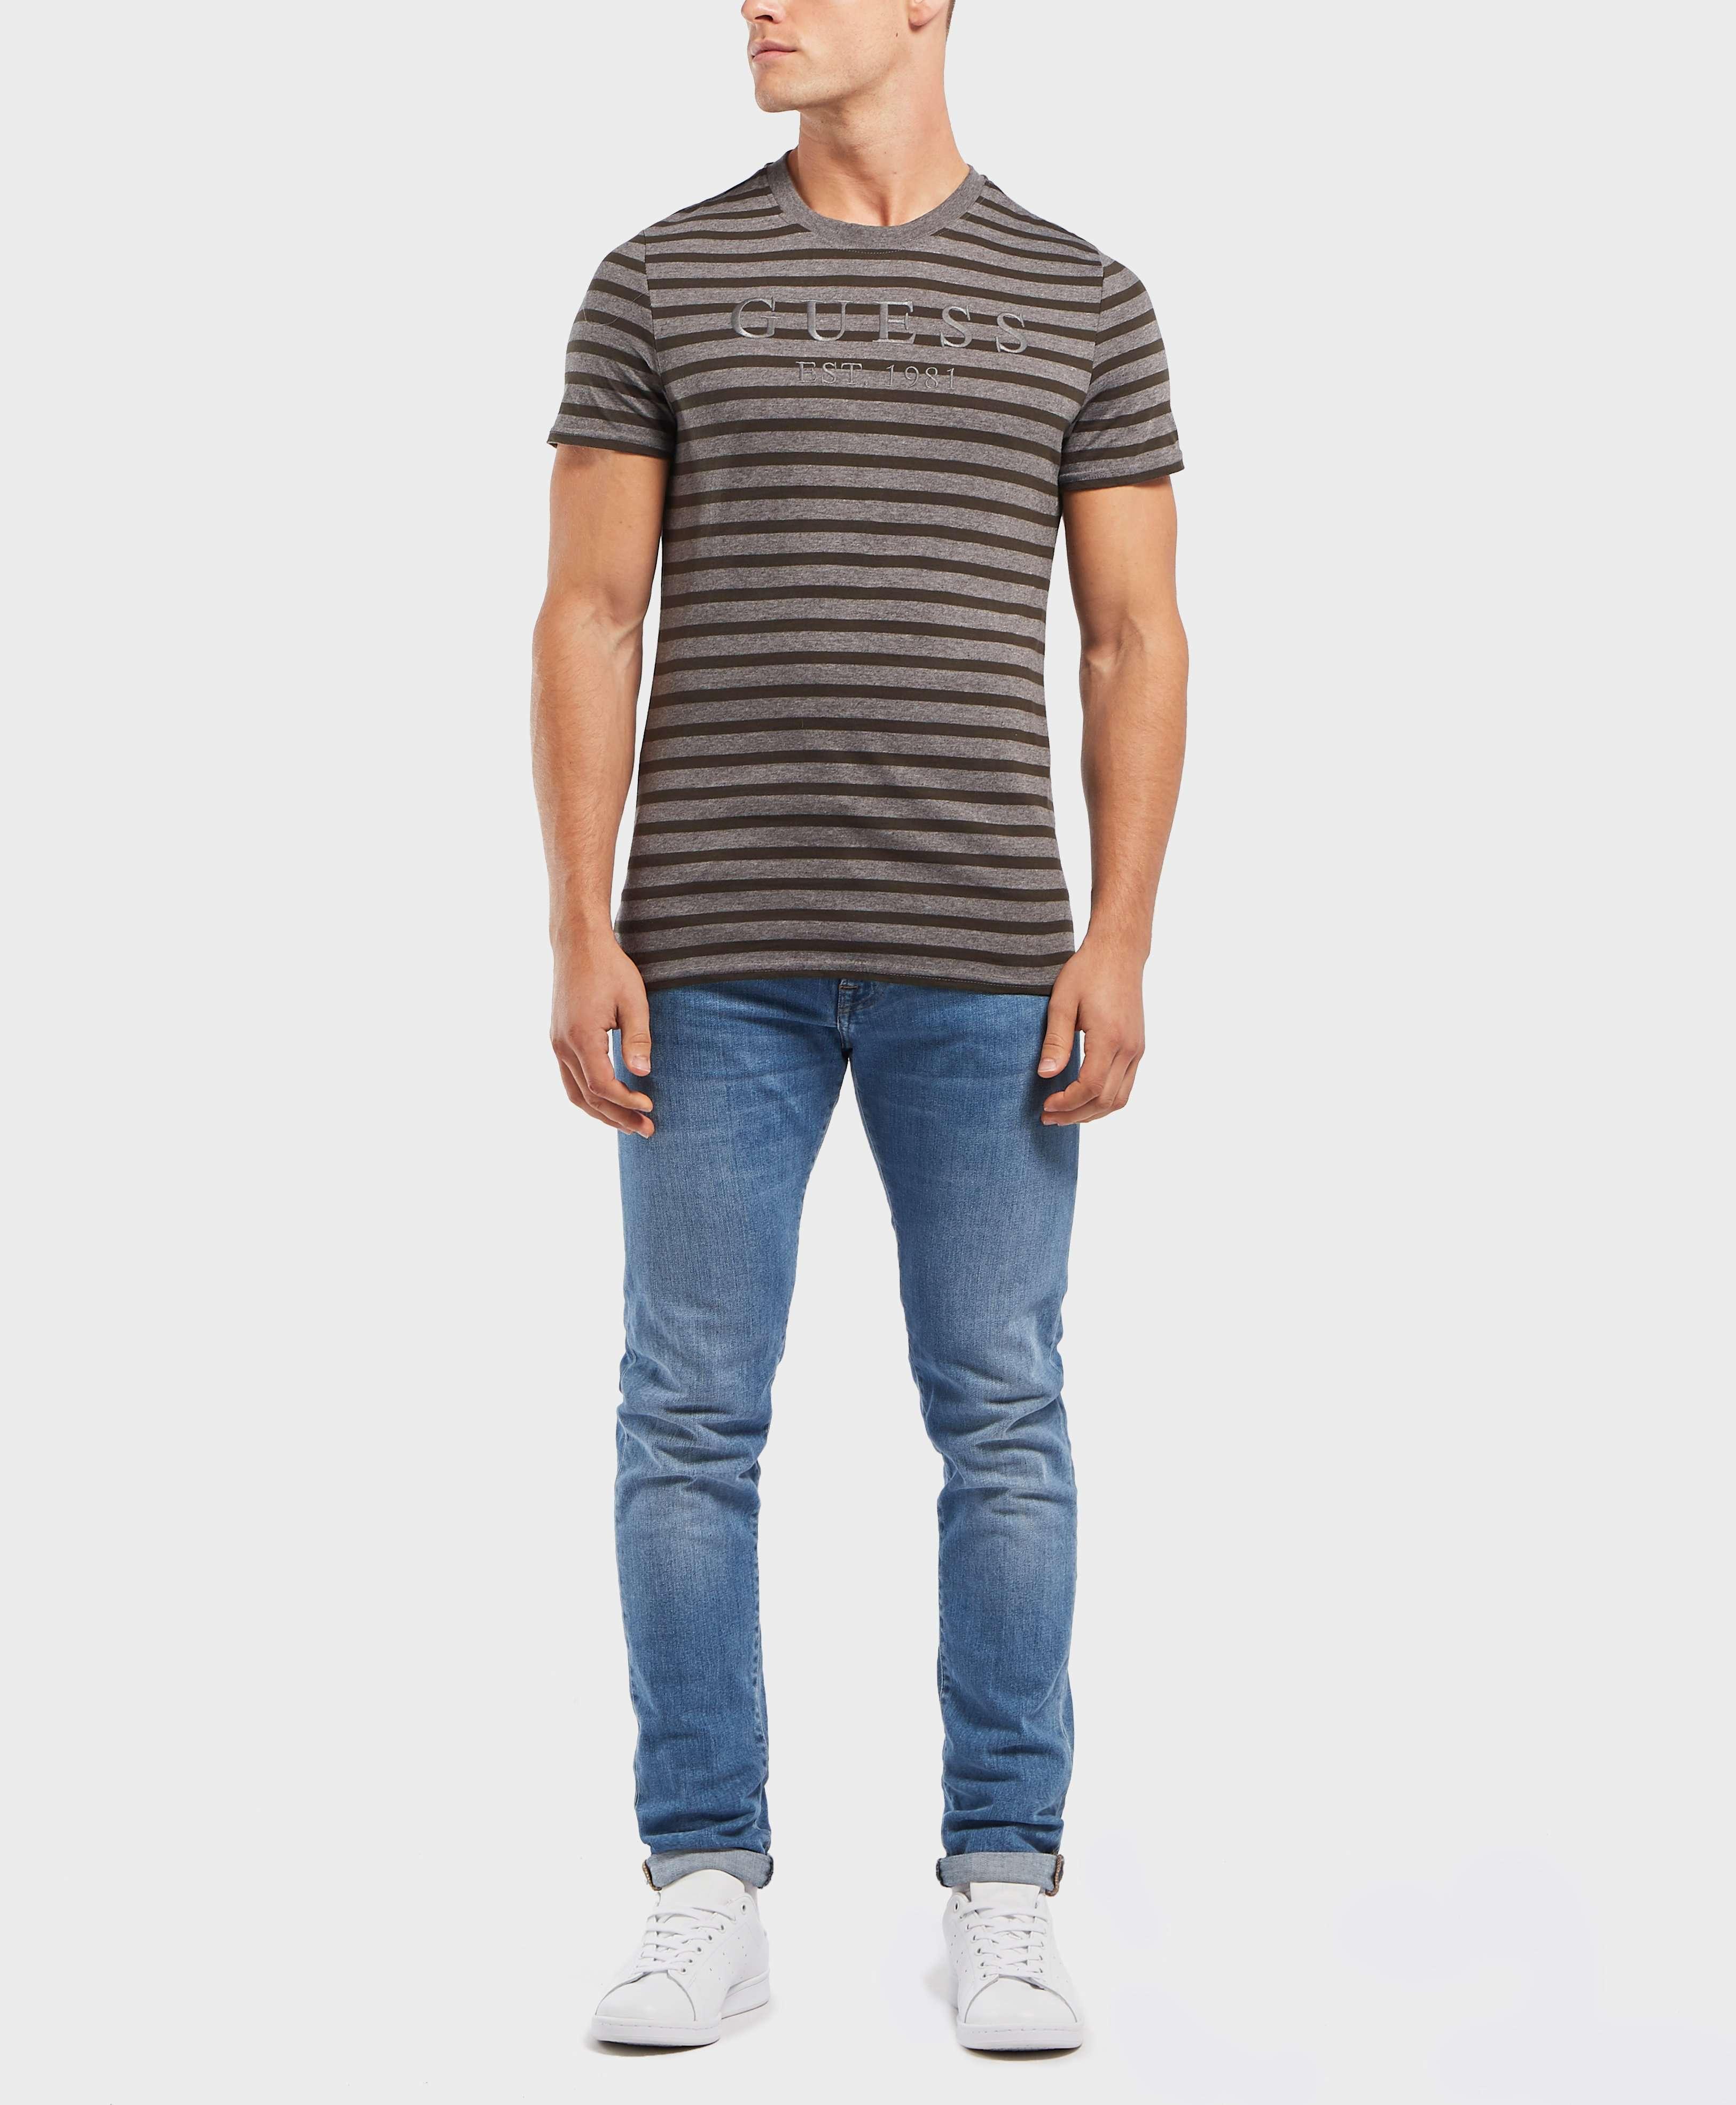 GUESS Stripe Short Sleeve Logo T-Shirt